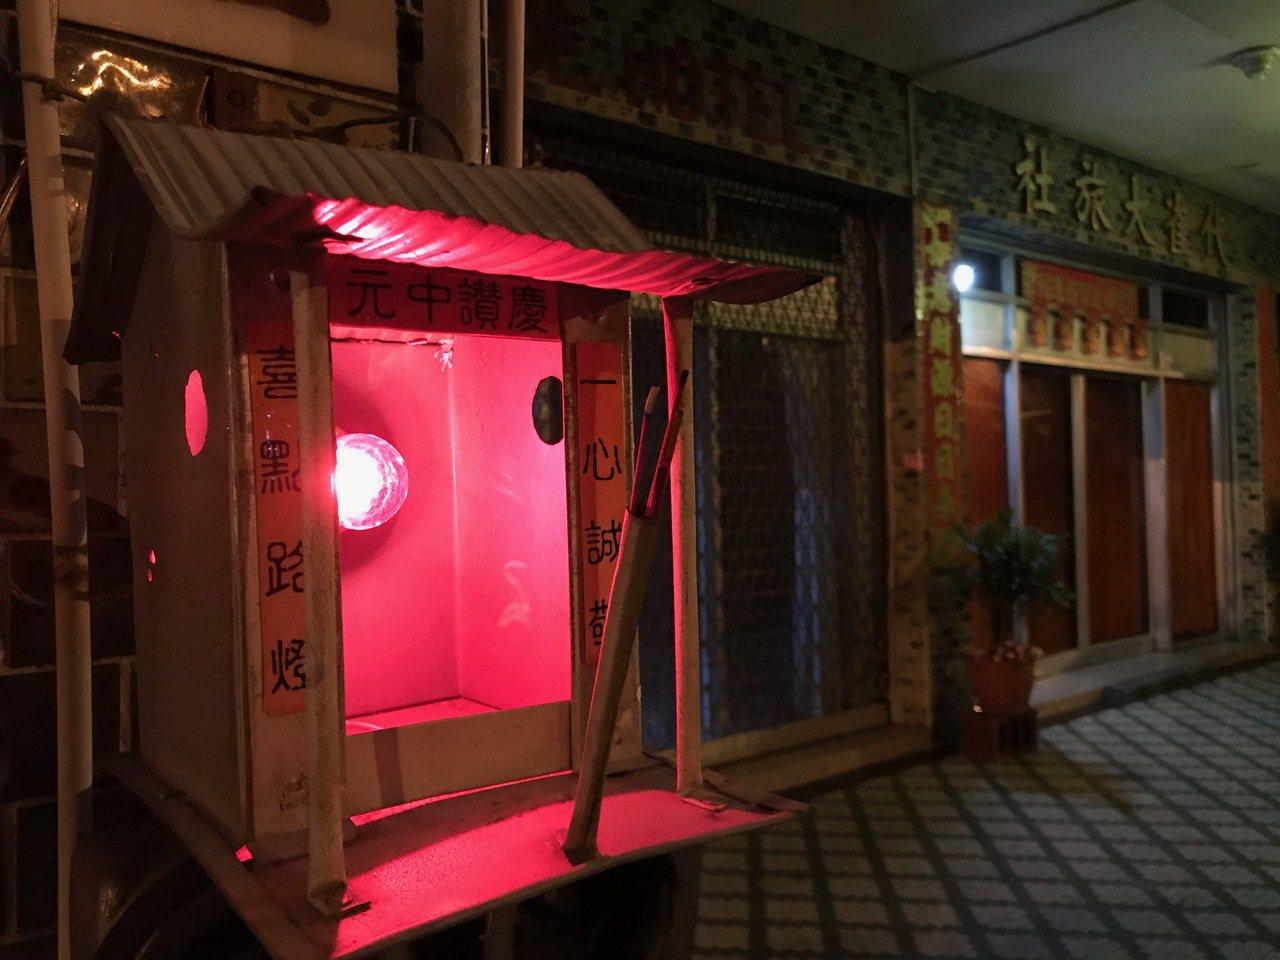 代雀大旅社農曆七月期間會在門口擺放著一盞普度公燈,在夜晚中泛著紅色的光芒,再點上...